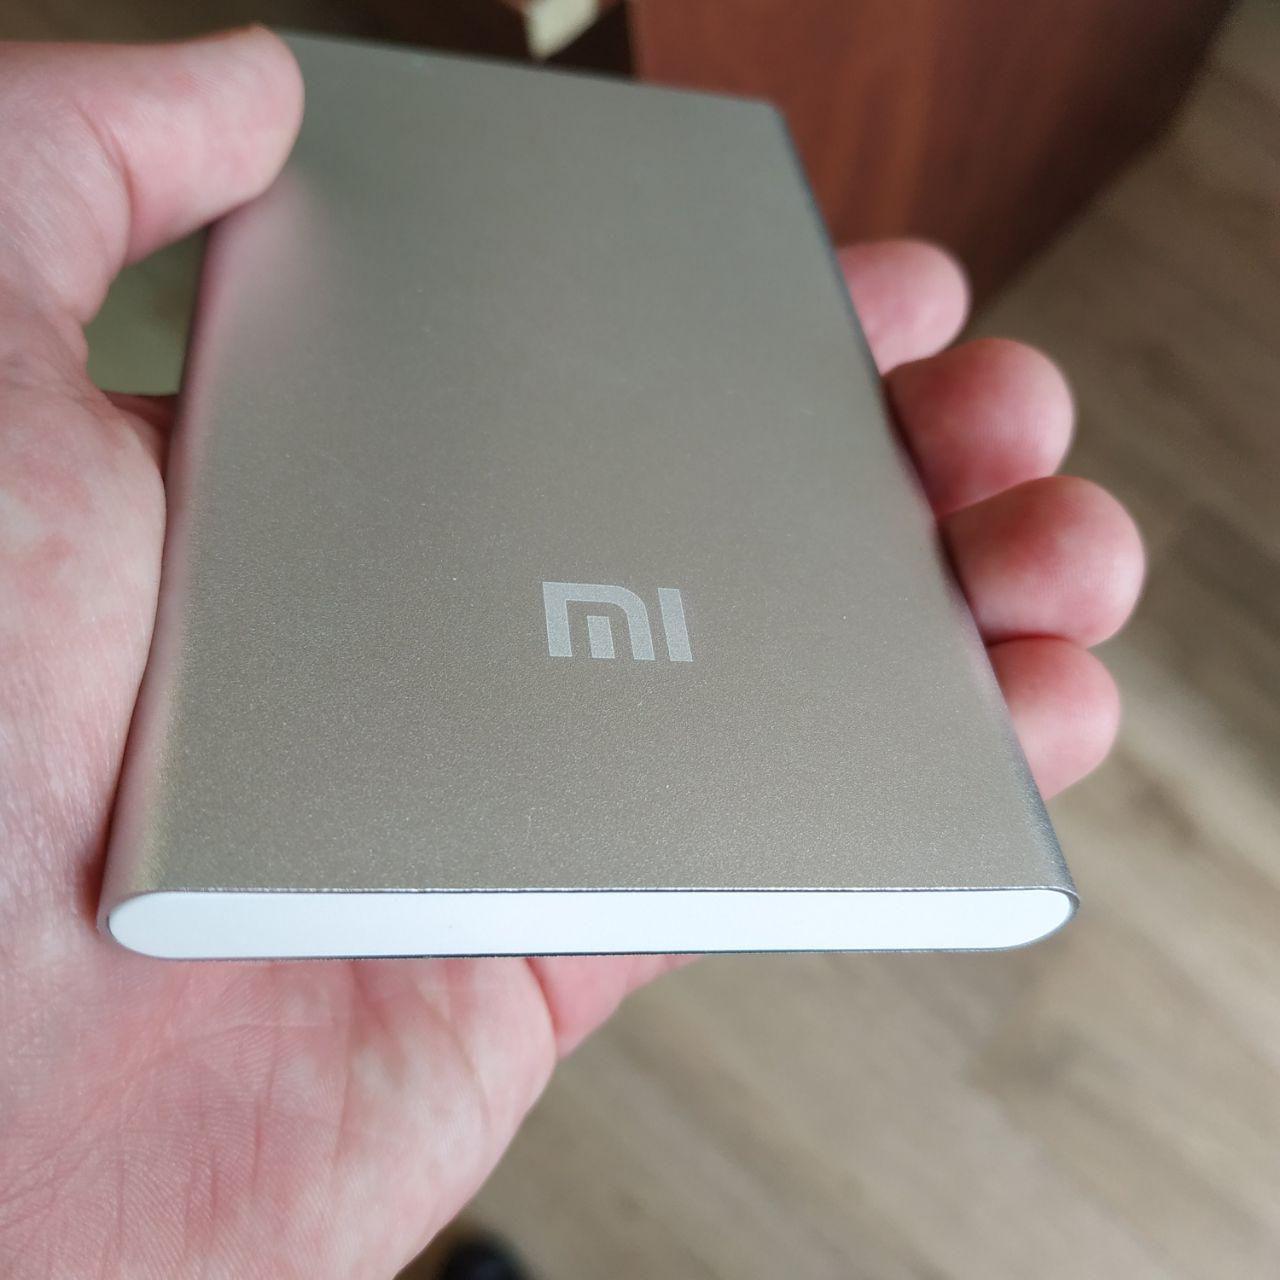 Портативная зарядка Павер банк Mi внешний аккумулятор Xiaomi Power Bank 12800 мАч тонкий серый реплика, фото 1